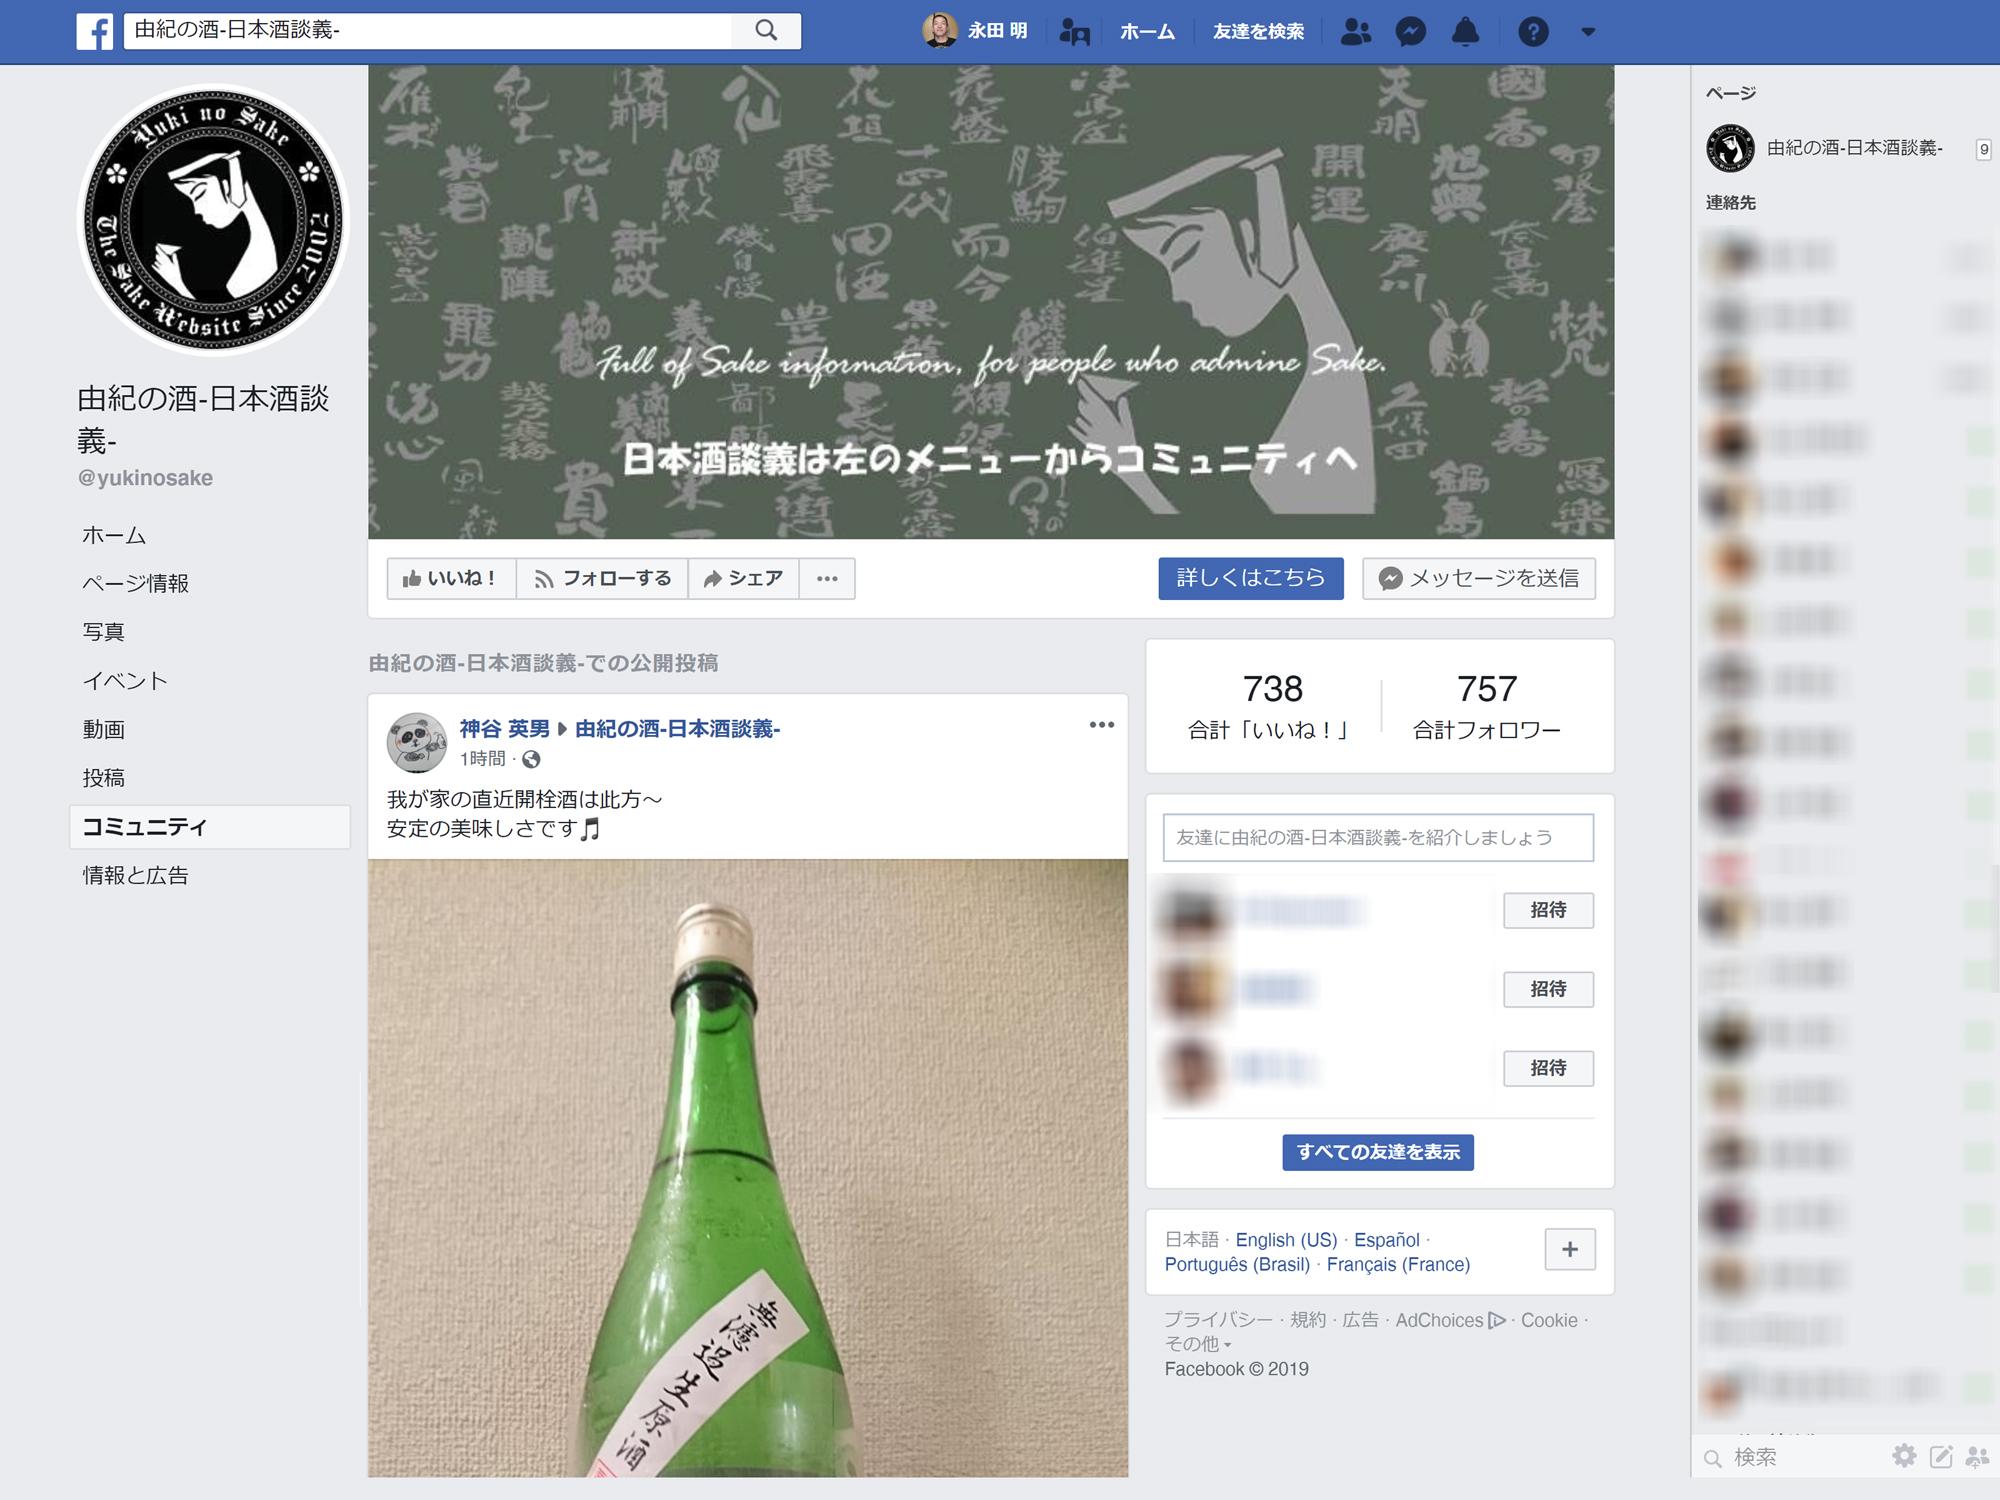 日本酒談義